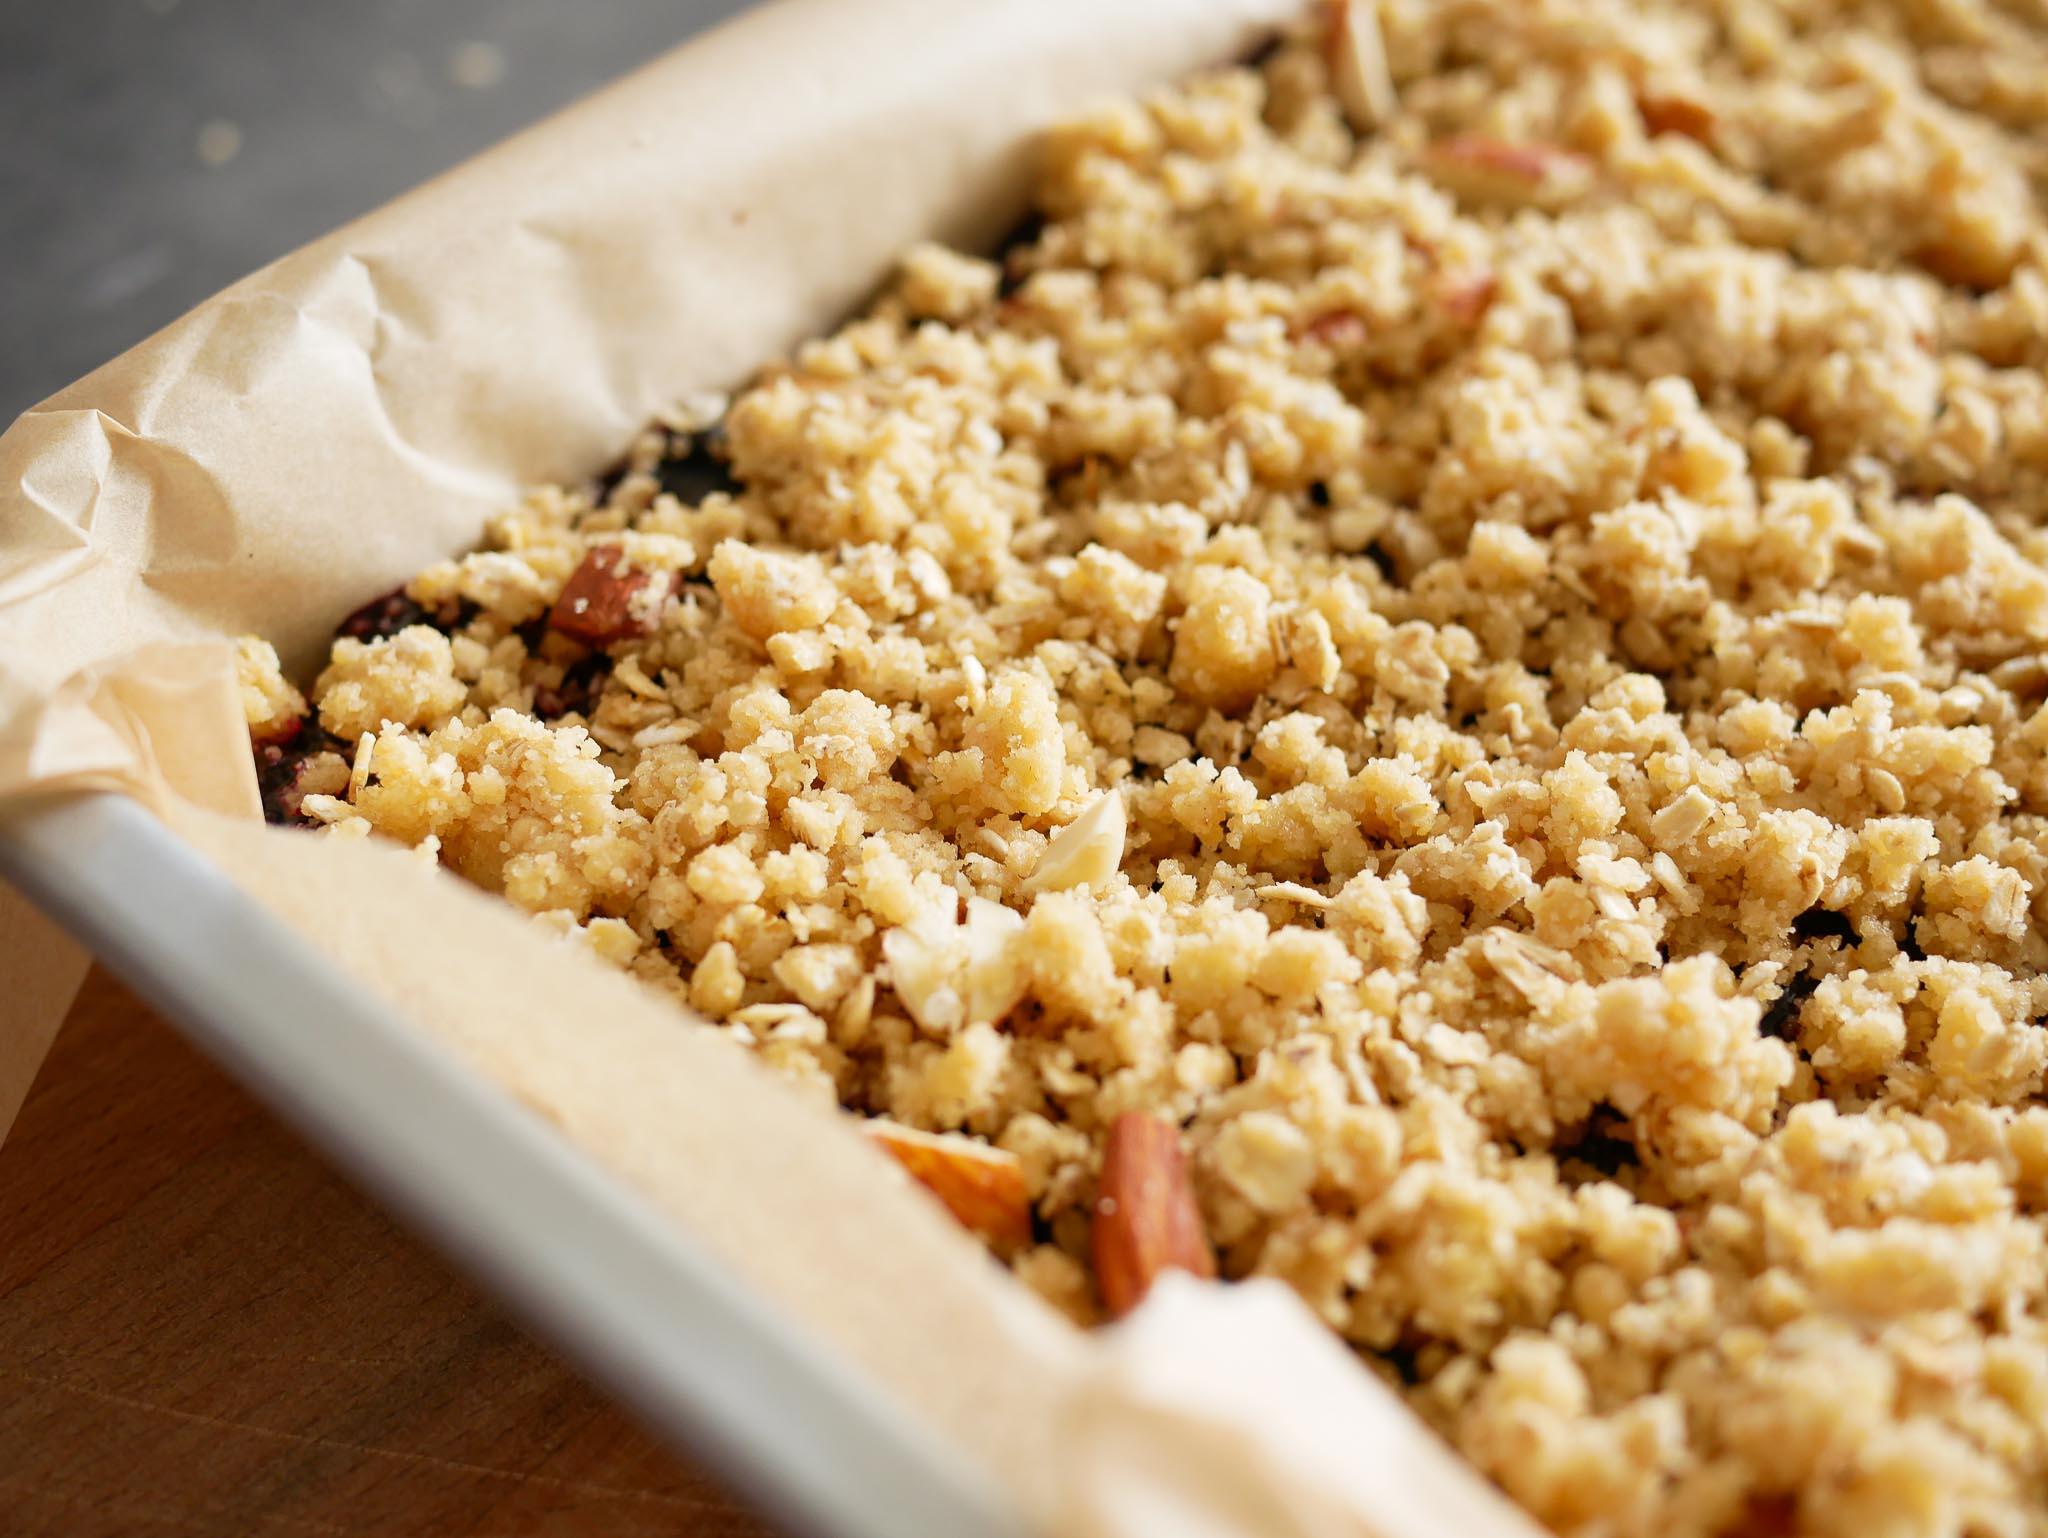 On recouvre la purée de fruits du reste de pâte avec les amandes